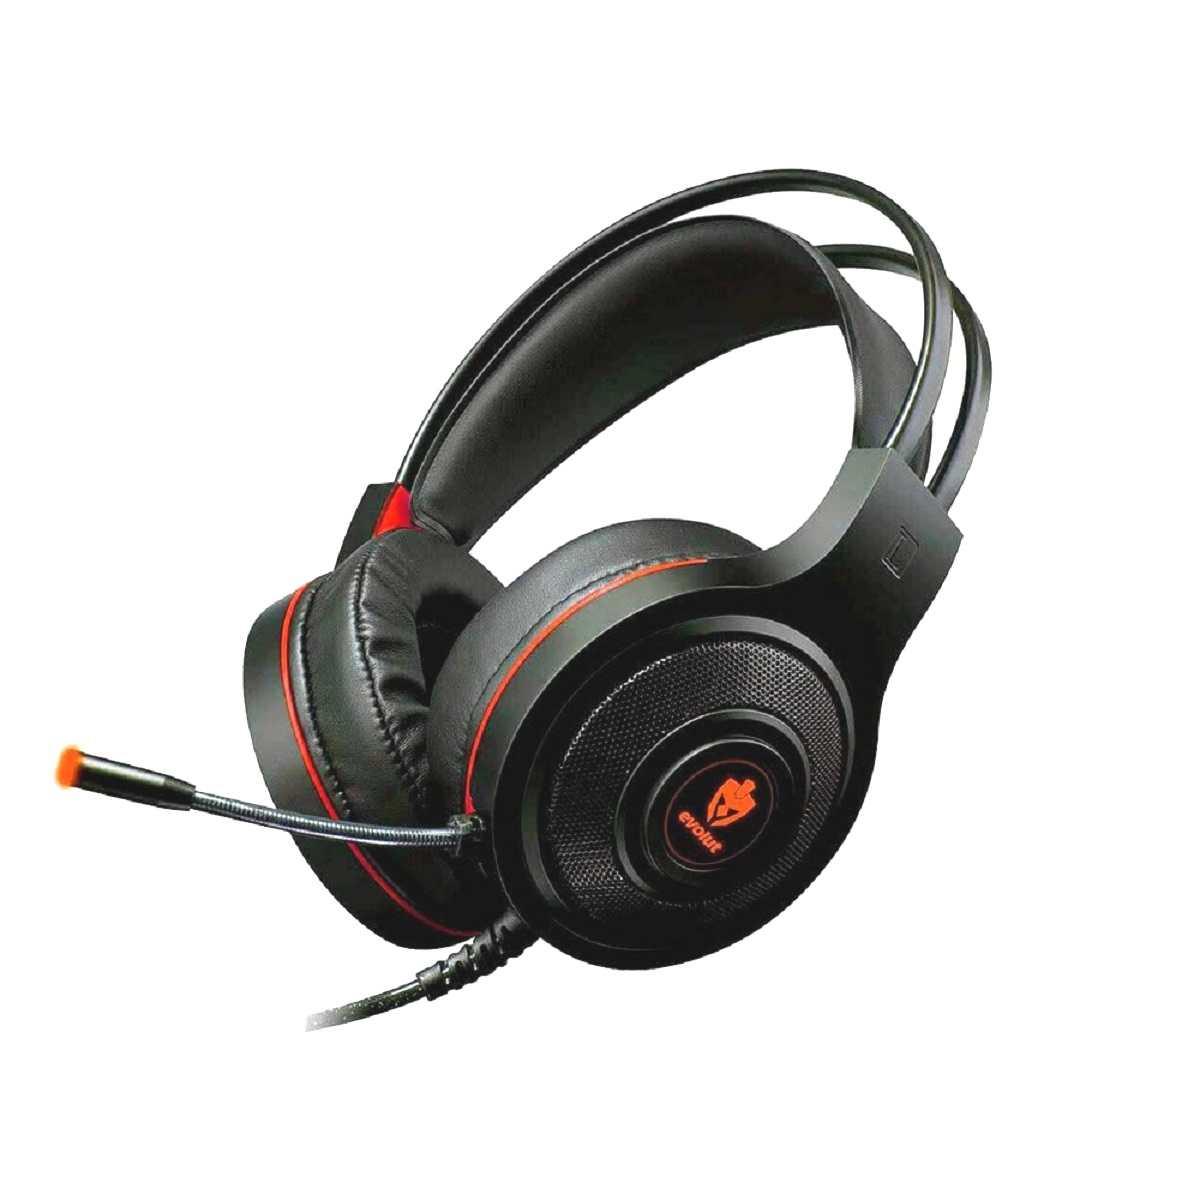 Headset Gamer Têmis Evolut Preto/Vermelho EG-301RD